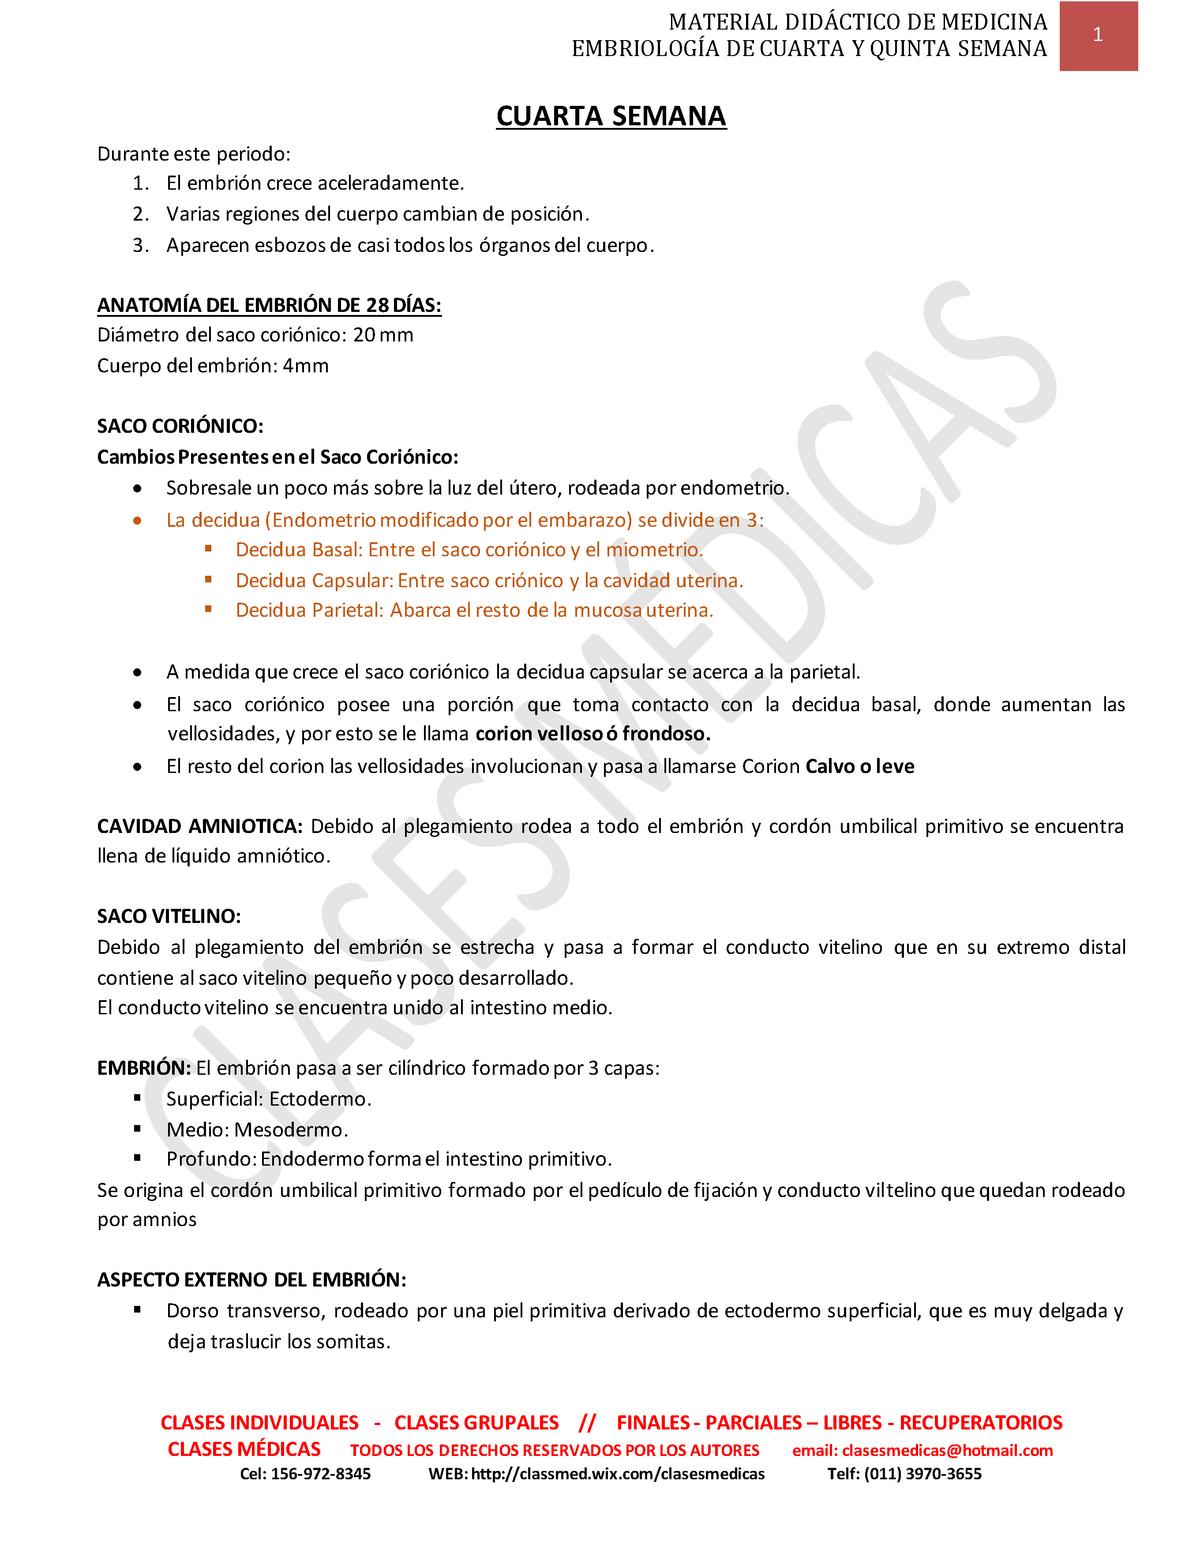 Cuarta y quinta semana - Histología - UBA - StuDocu